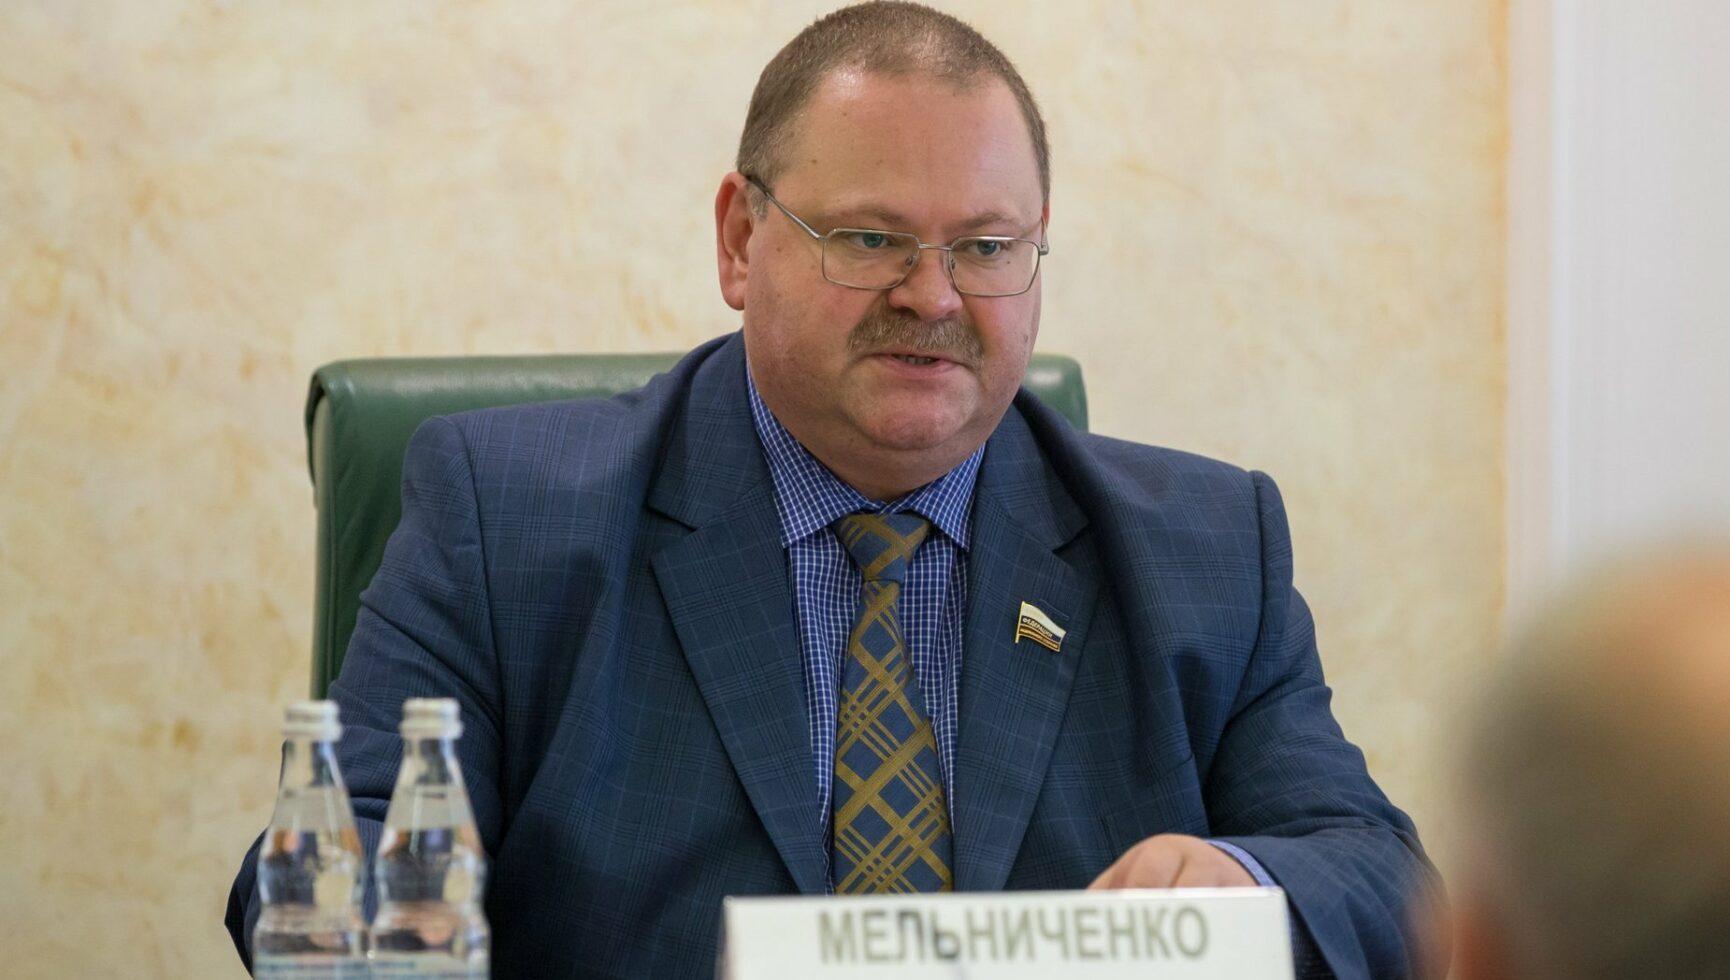 О. Мельниченко: Принят первый из двух важных законов по упрощению процедуры представления муниципальными депутатами сведений о доходах